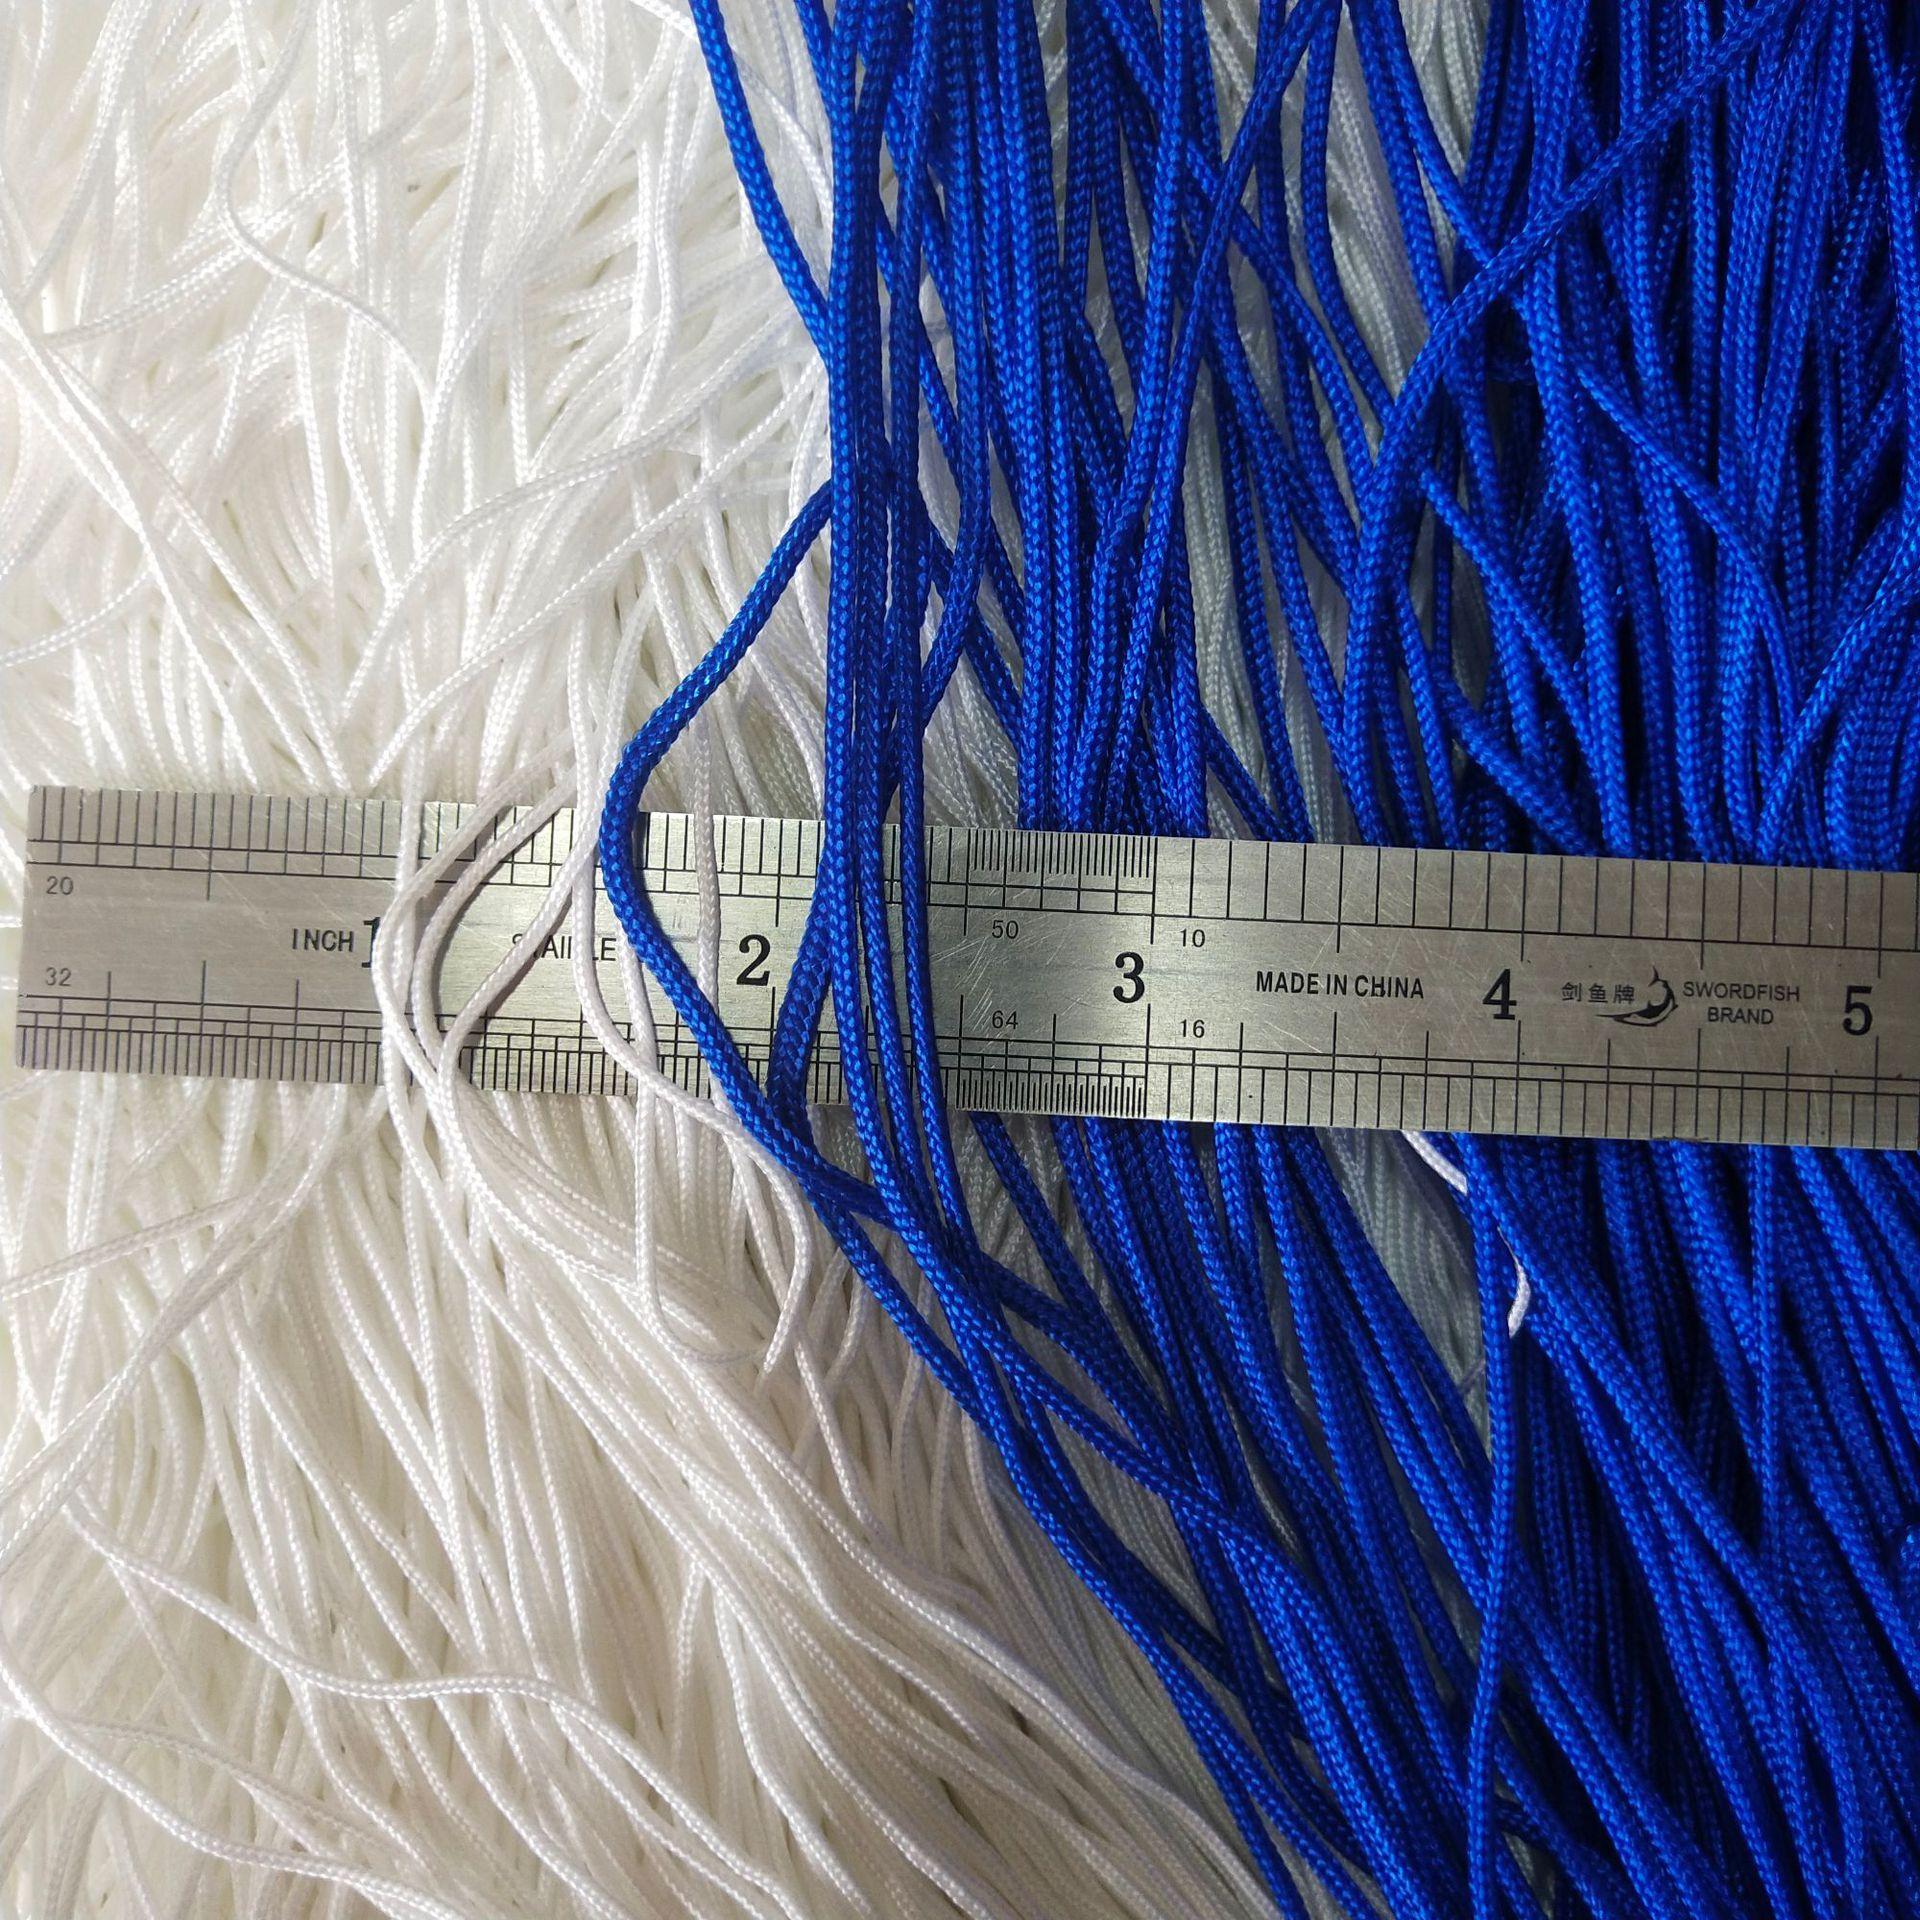 尼龙绳 拉绳123mm渔具钓鱼捆绑绳 高强耐磨涤纶窗帘绳 工厂批发